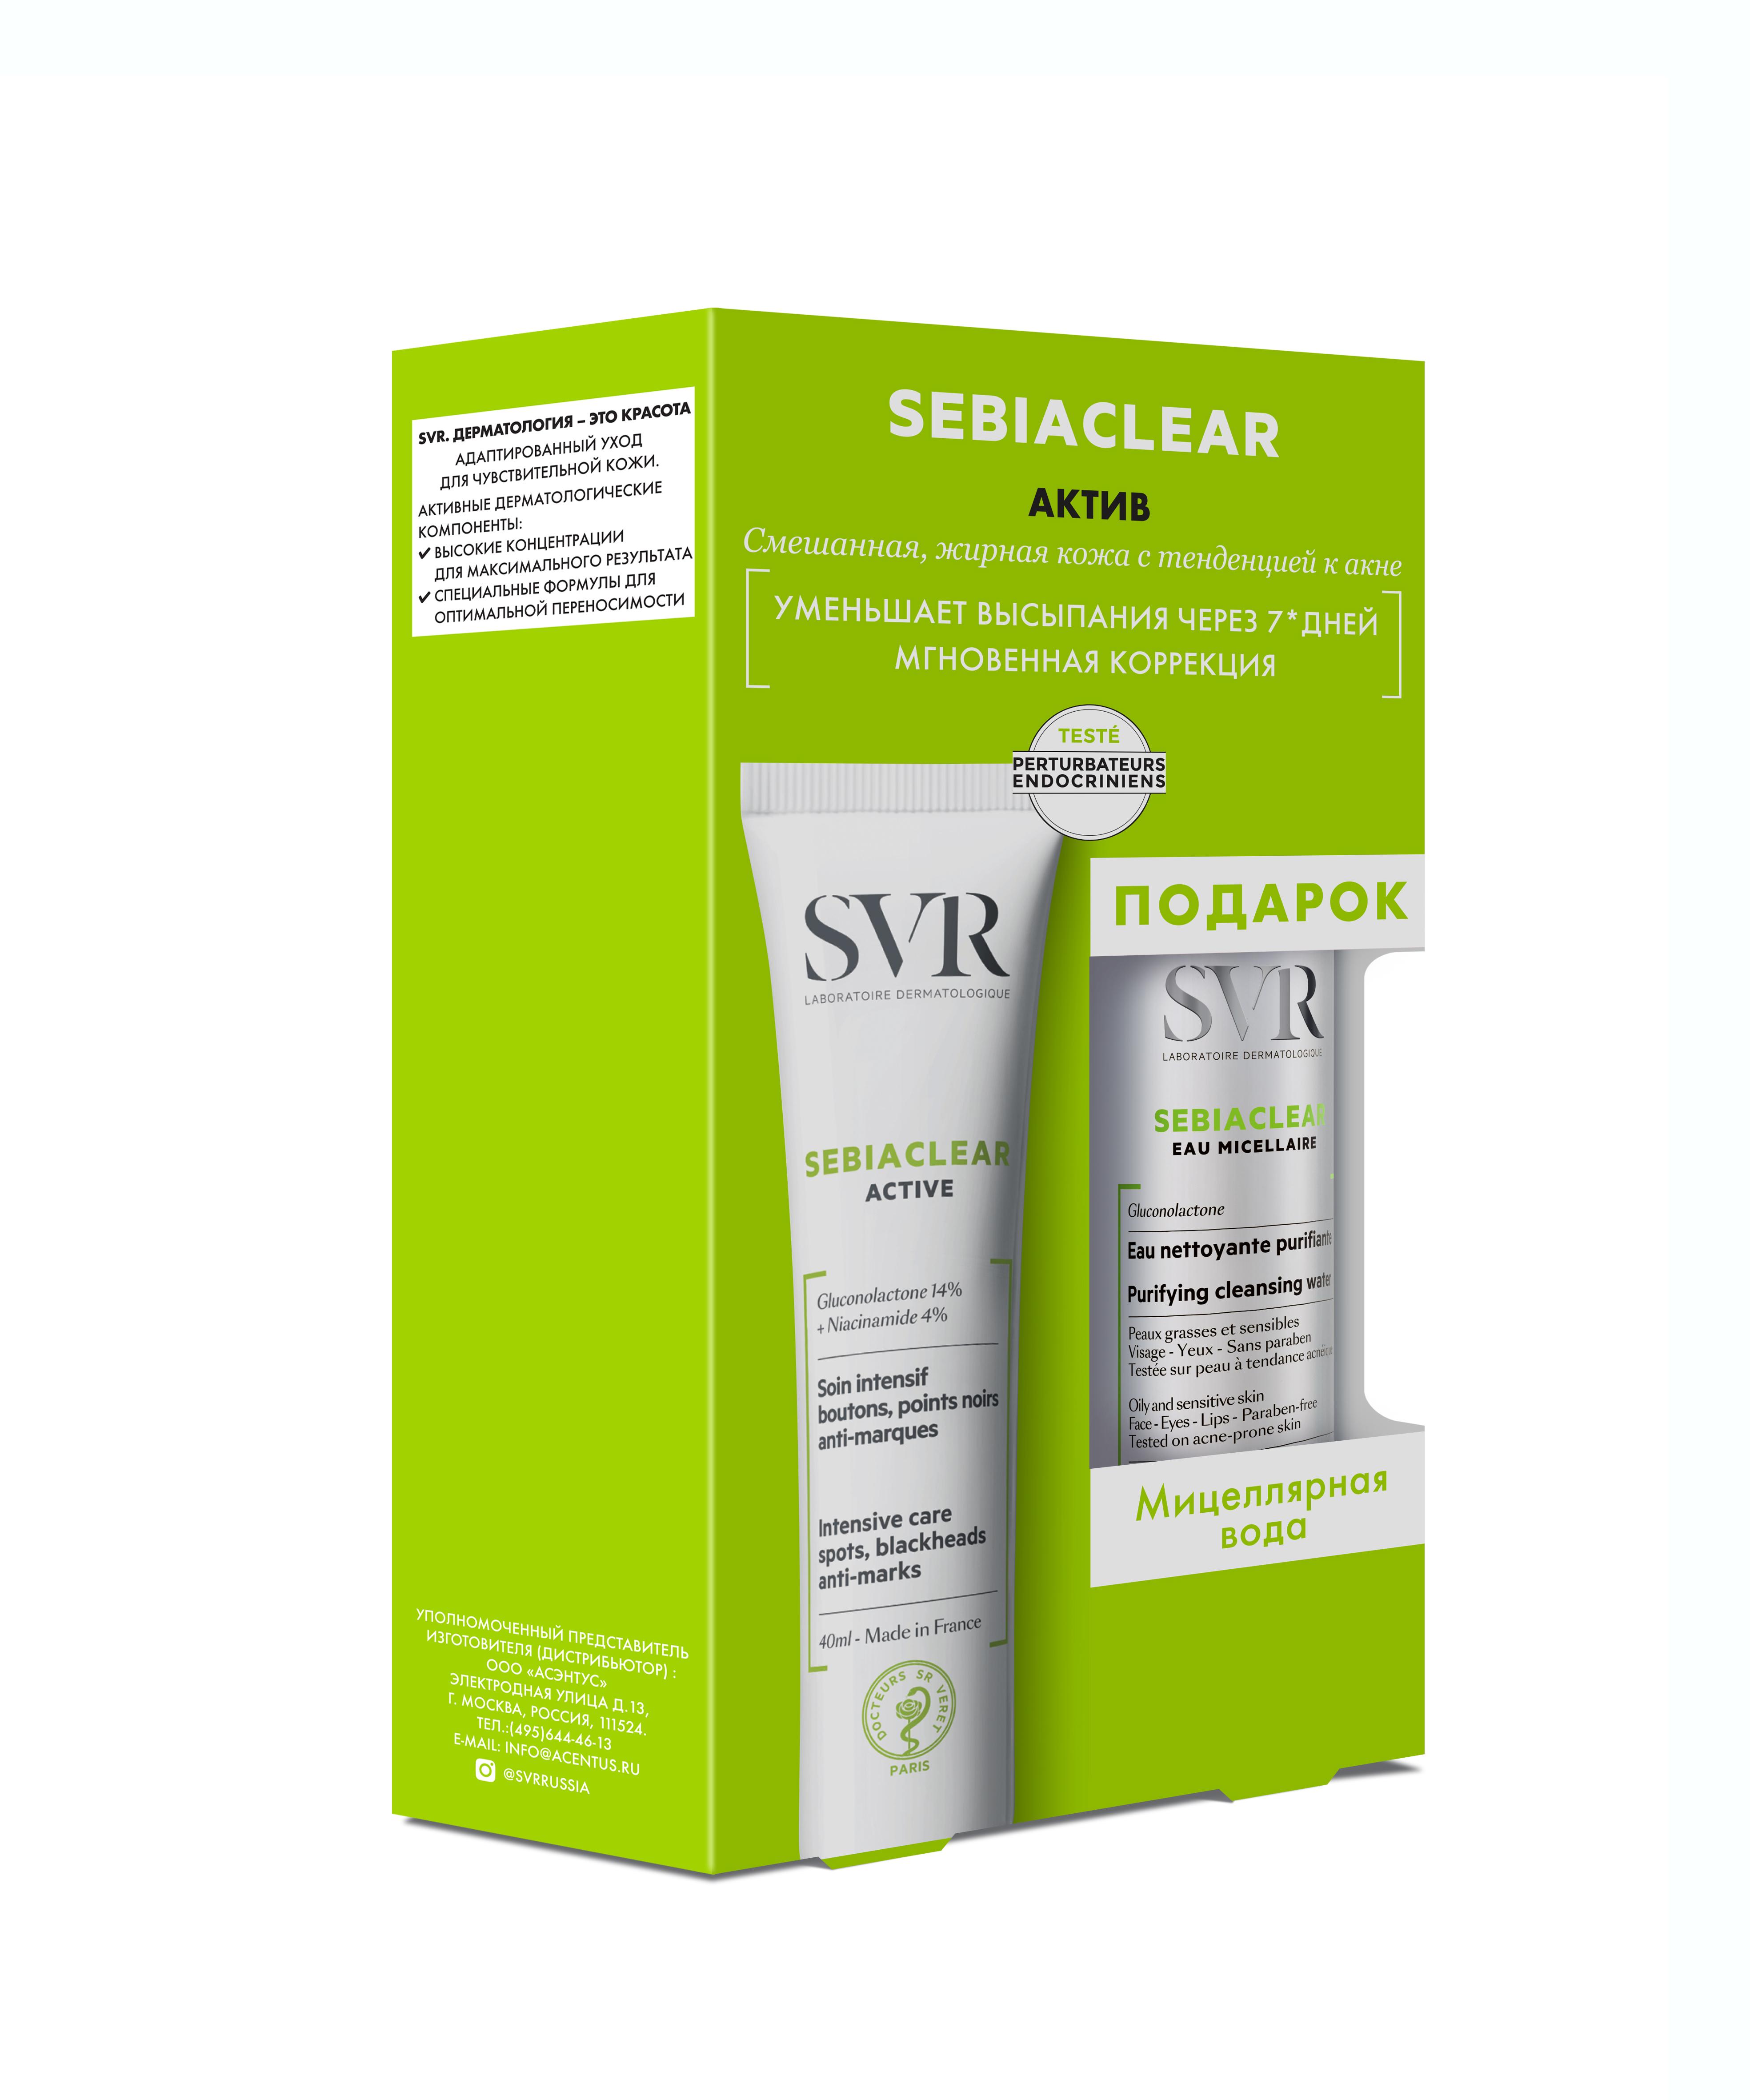 Купить SVR SVR Набор Себиаклир Актив: Себиаклир Актив Крем-уход 40 мл + Себиаклир Мицеллярная вода 75мл (SVR, Sebiaclear), Франция